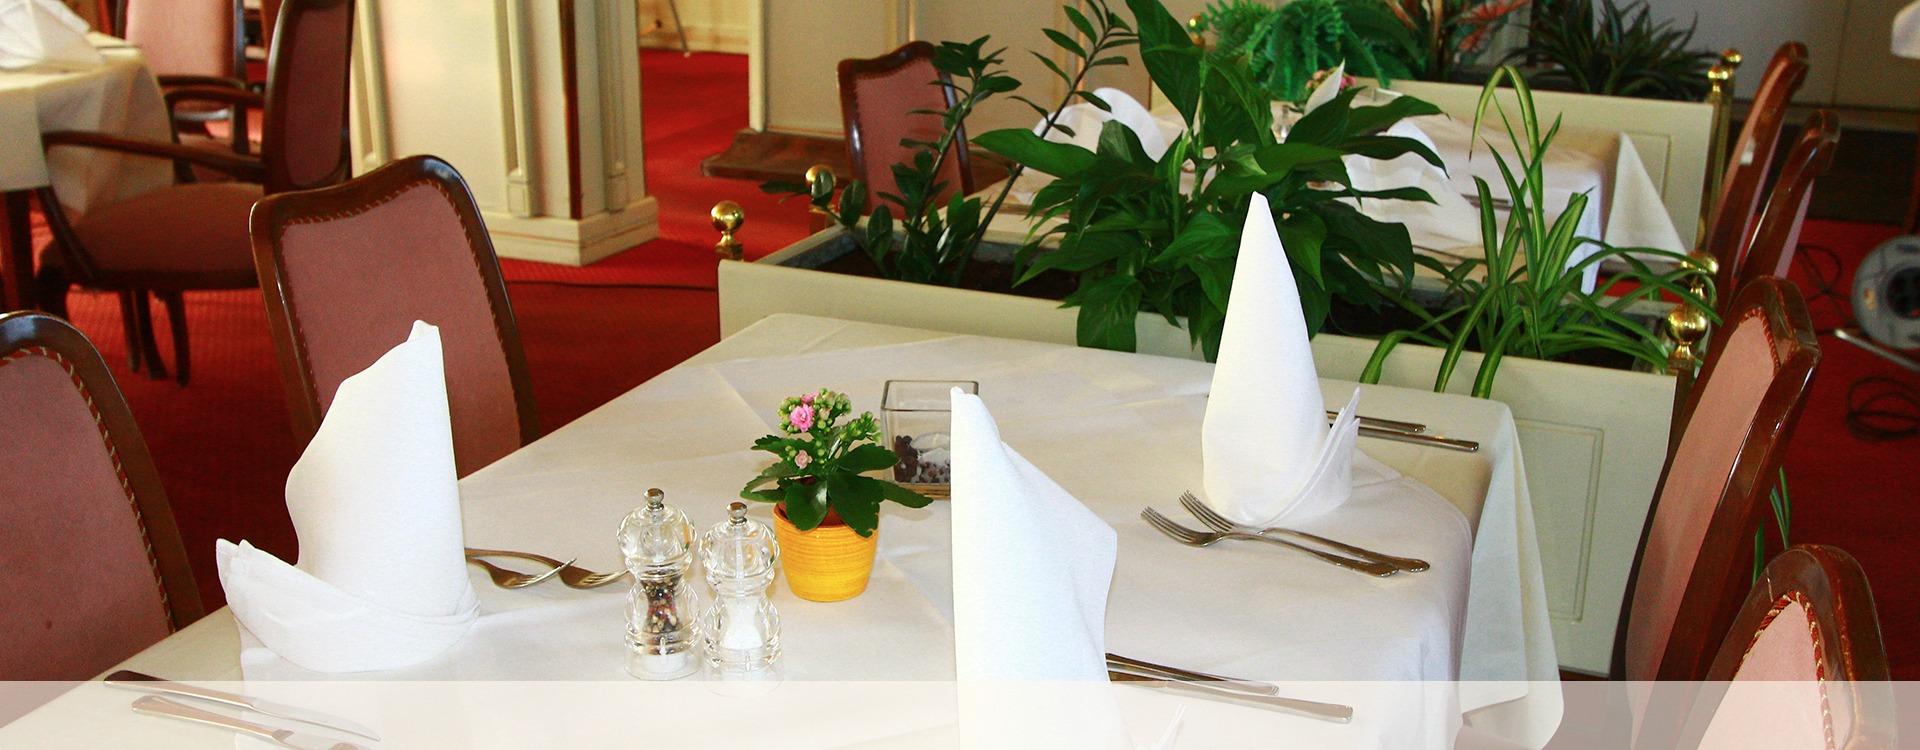 Hotel Restaurant in Eichenau nahe Fürstenfeldbruck